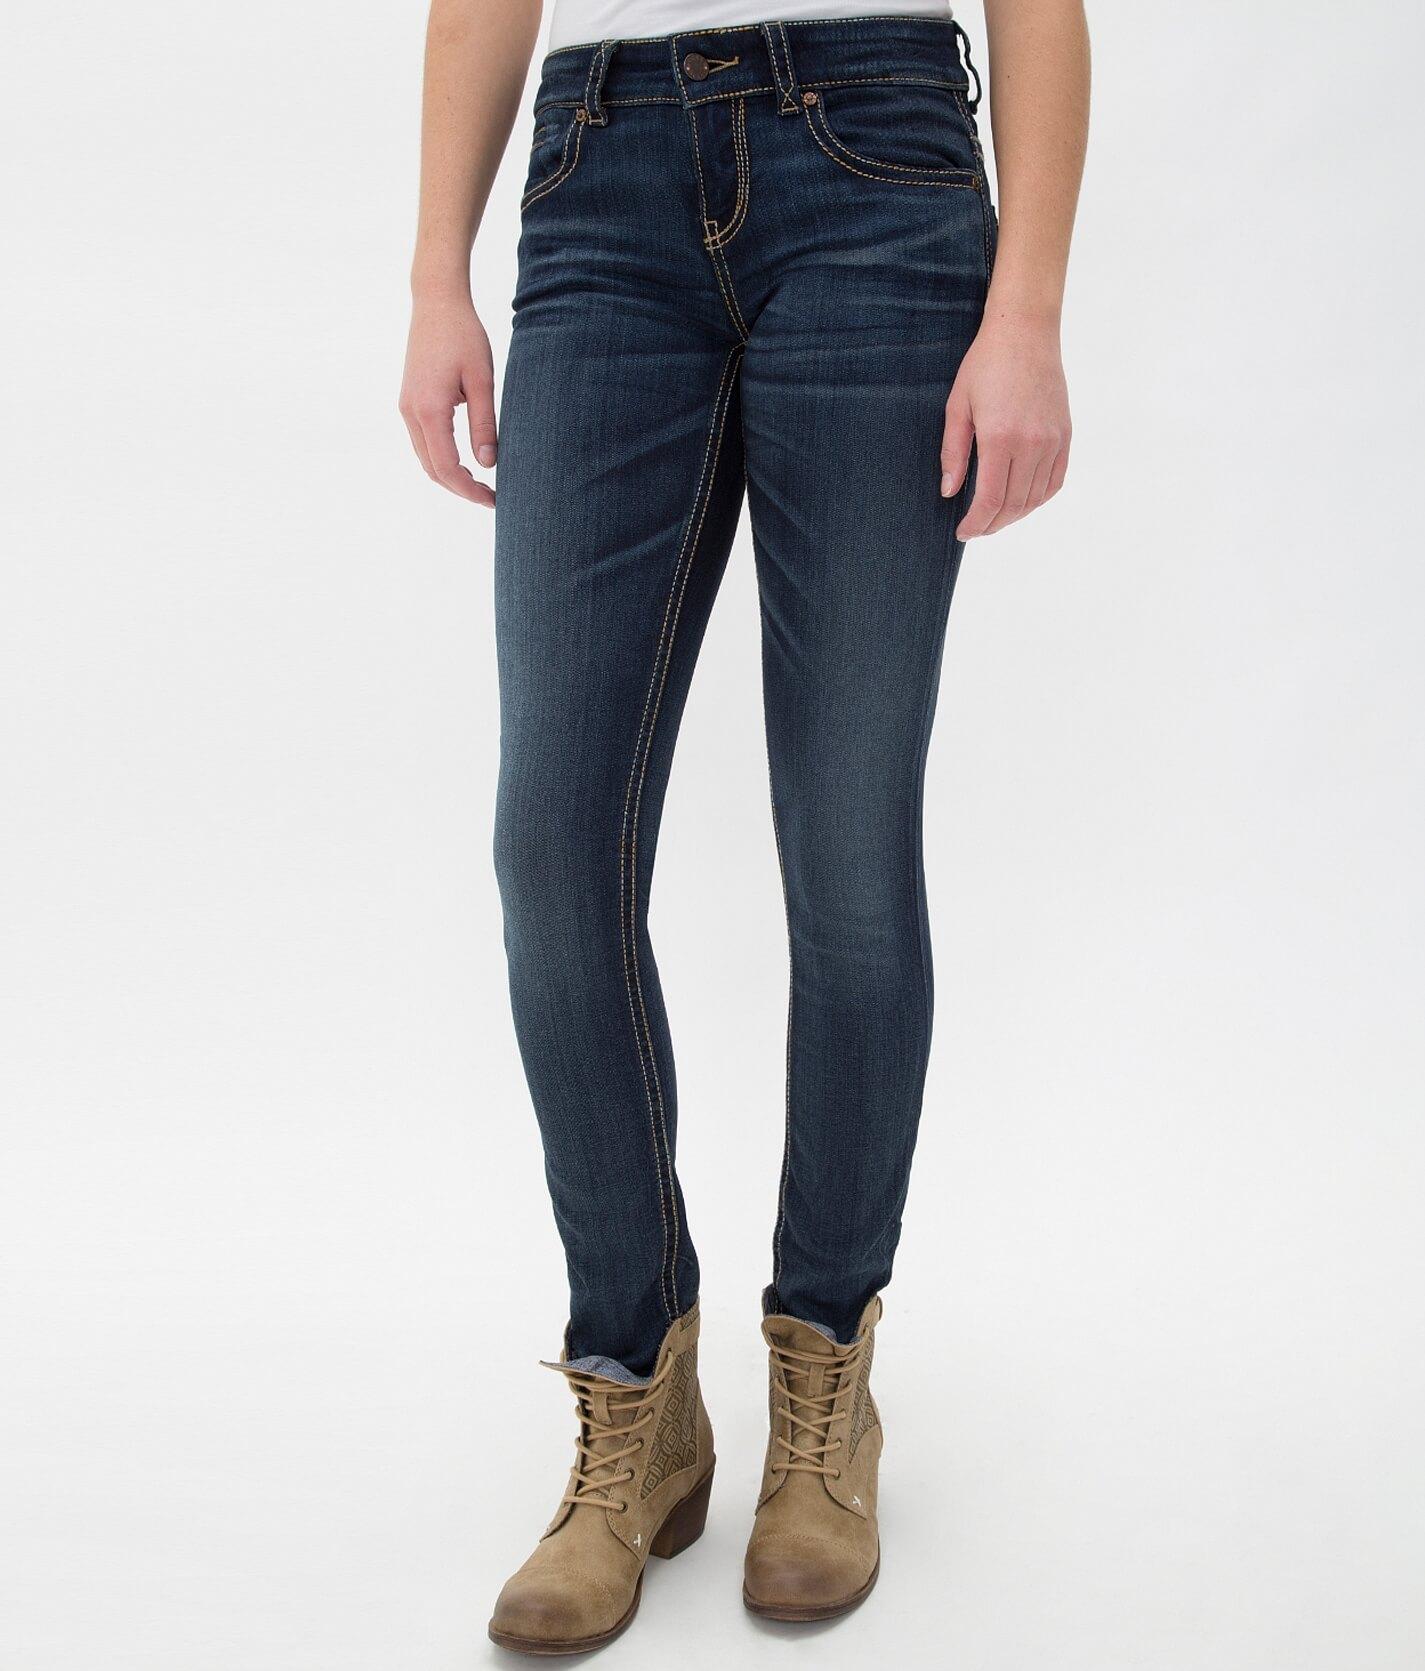 Buckle Black Jeans mot5mSs4